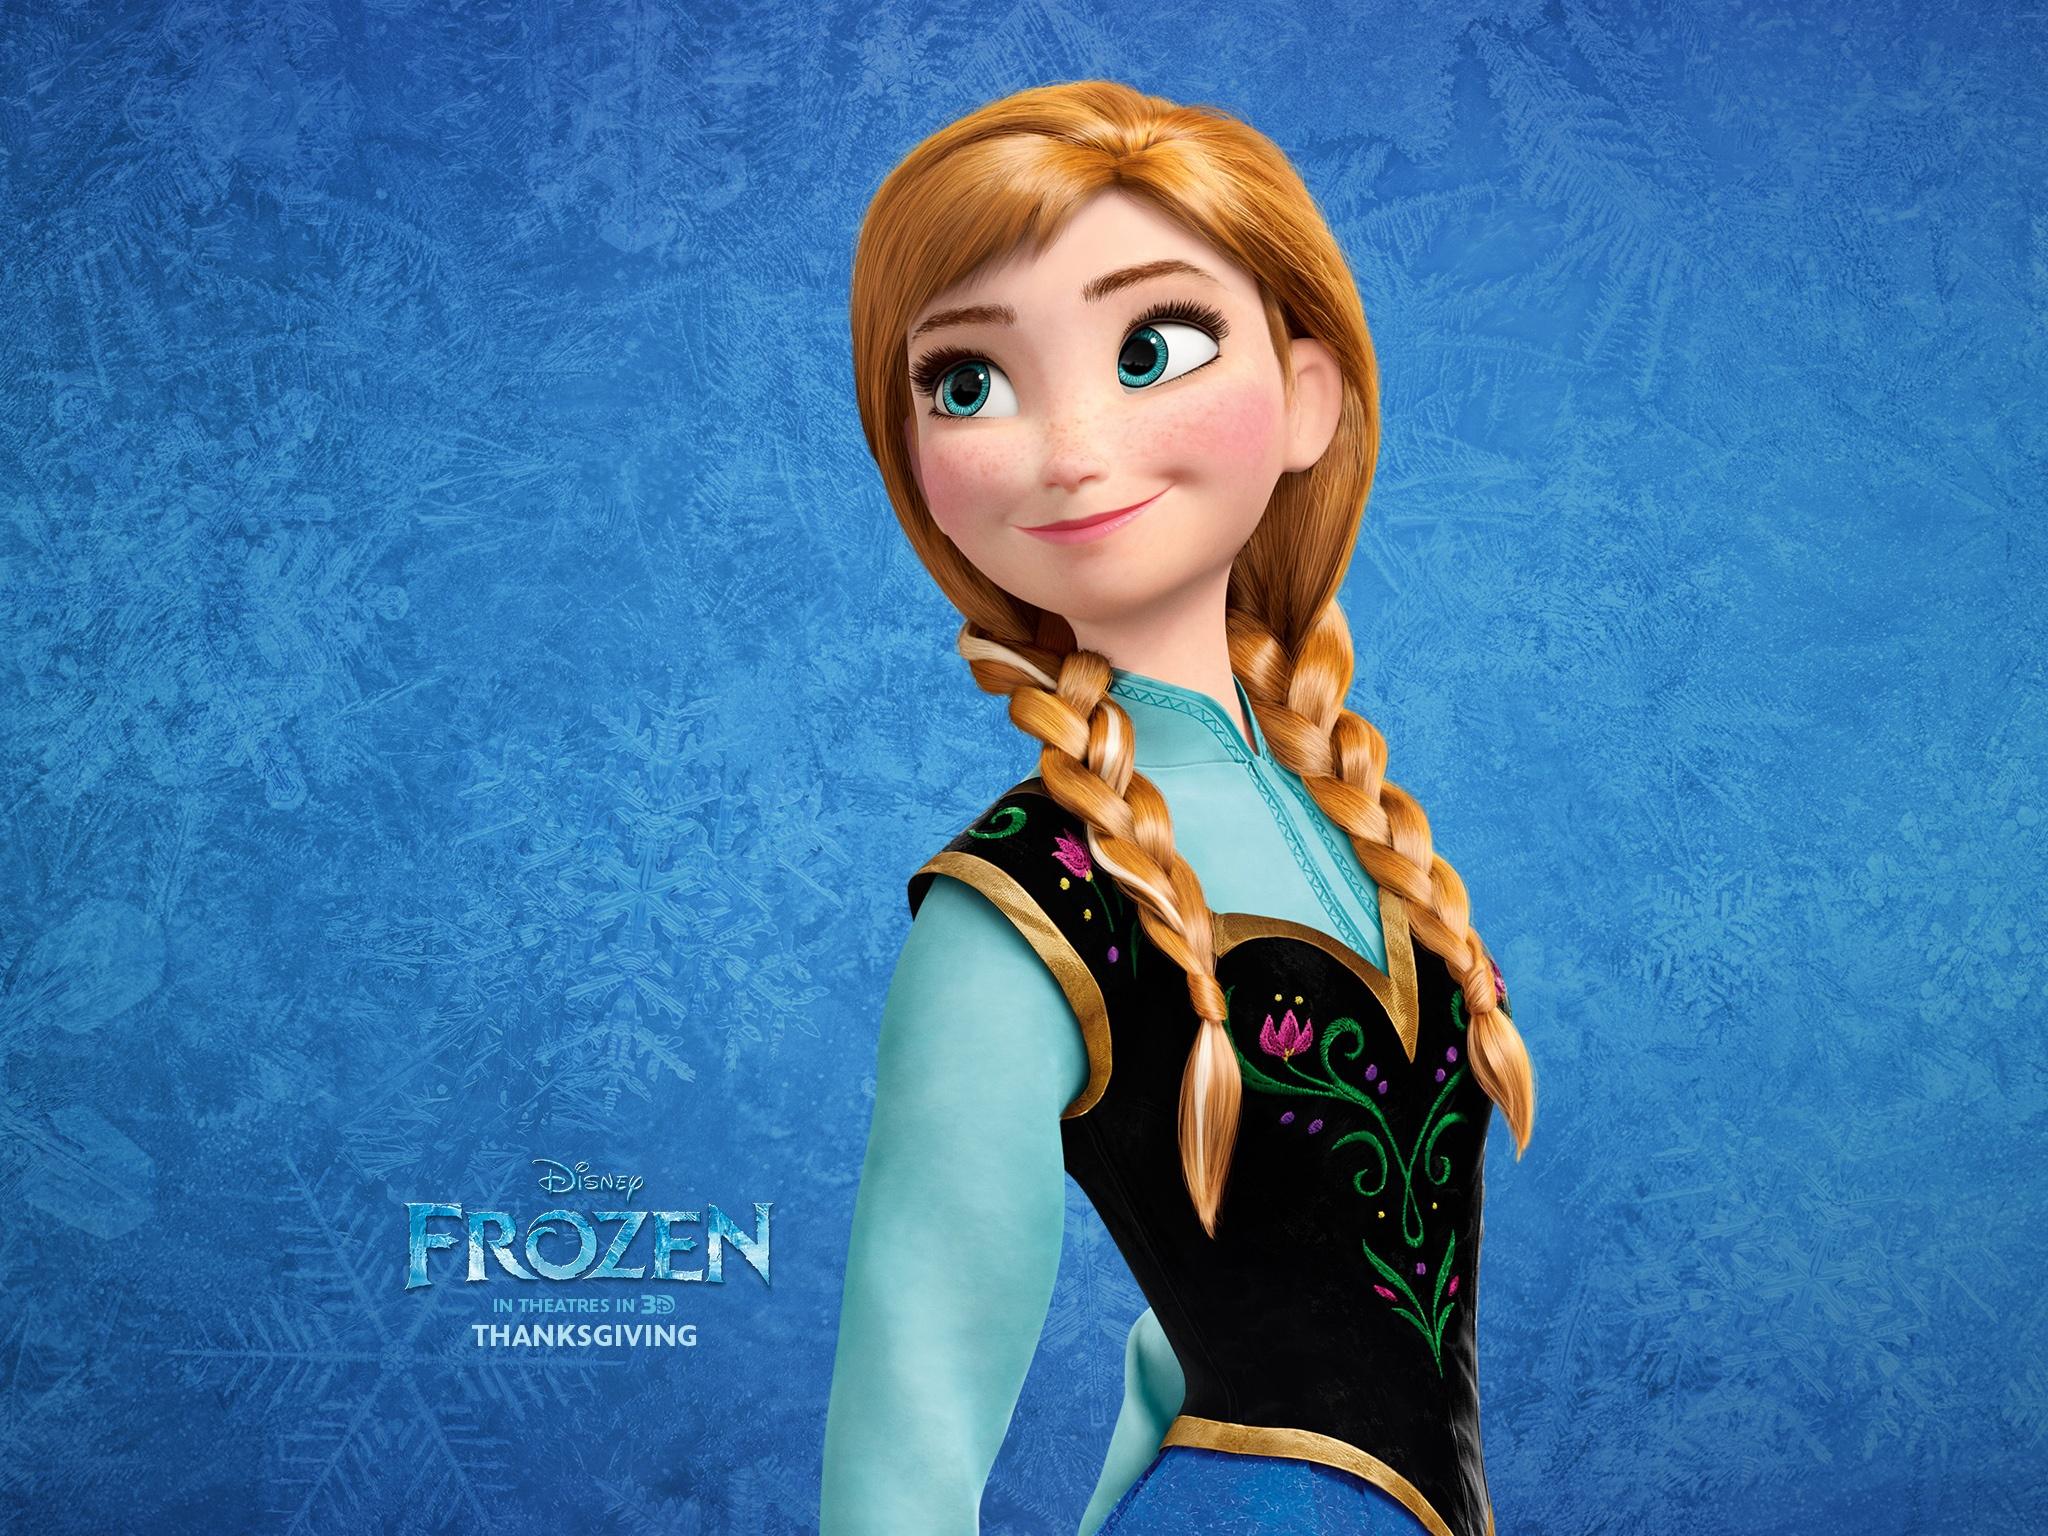 frozen wallpaper hd free download